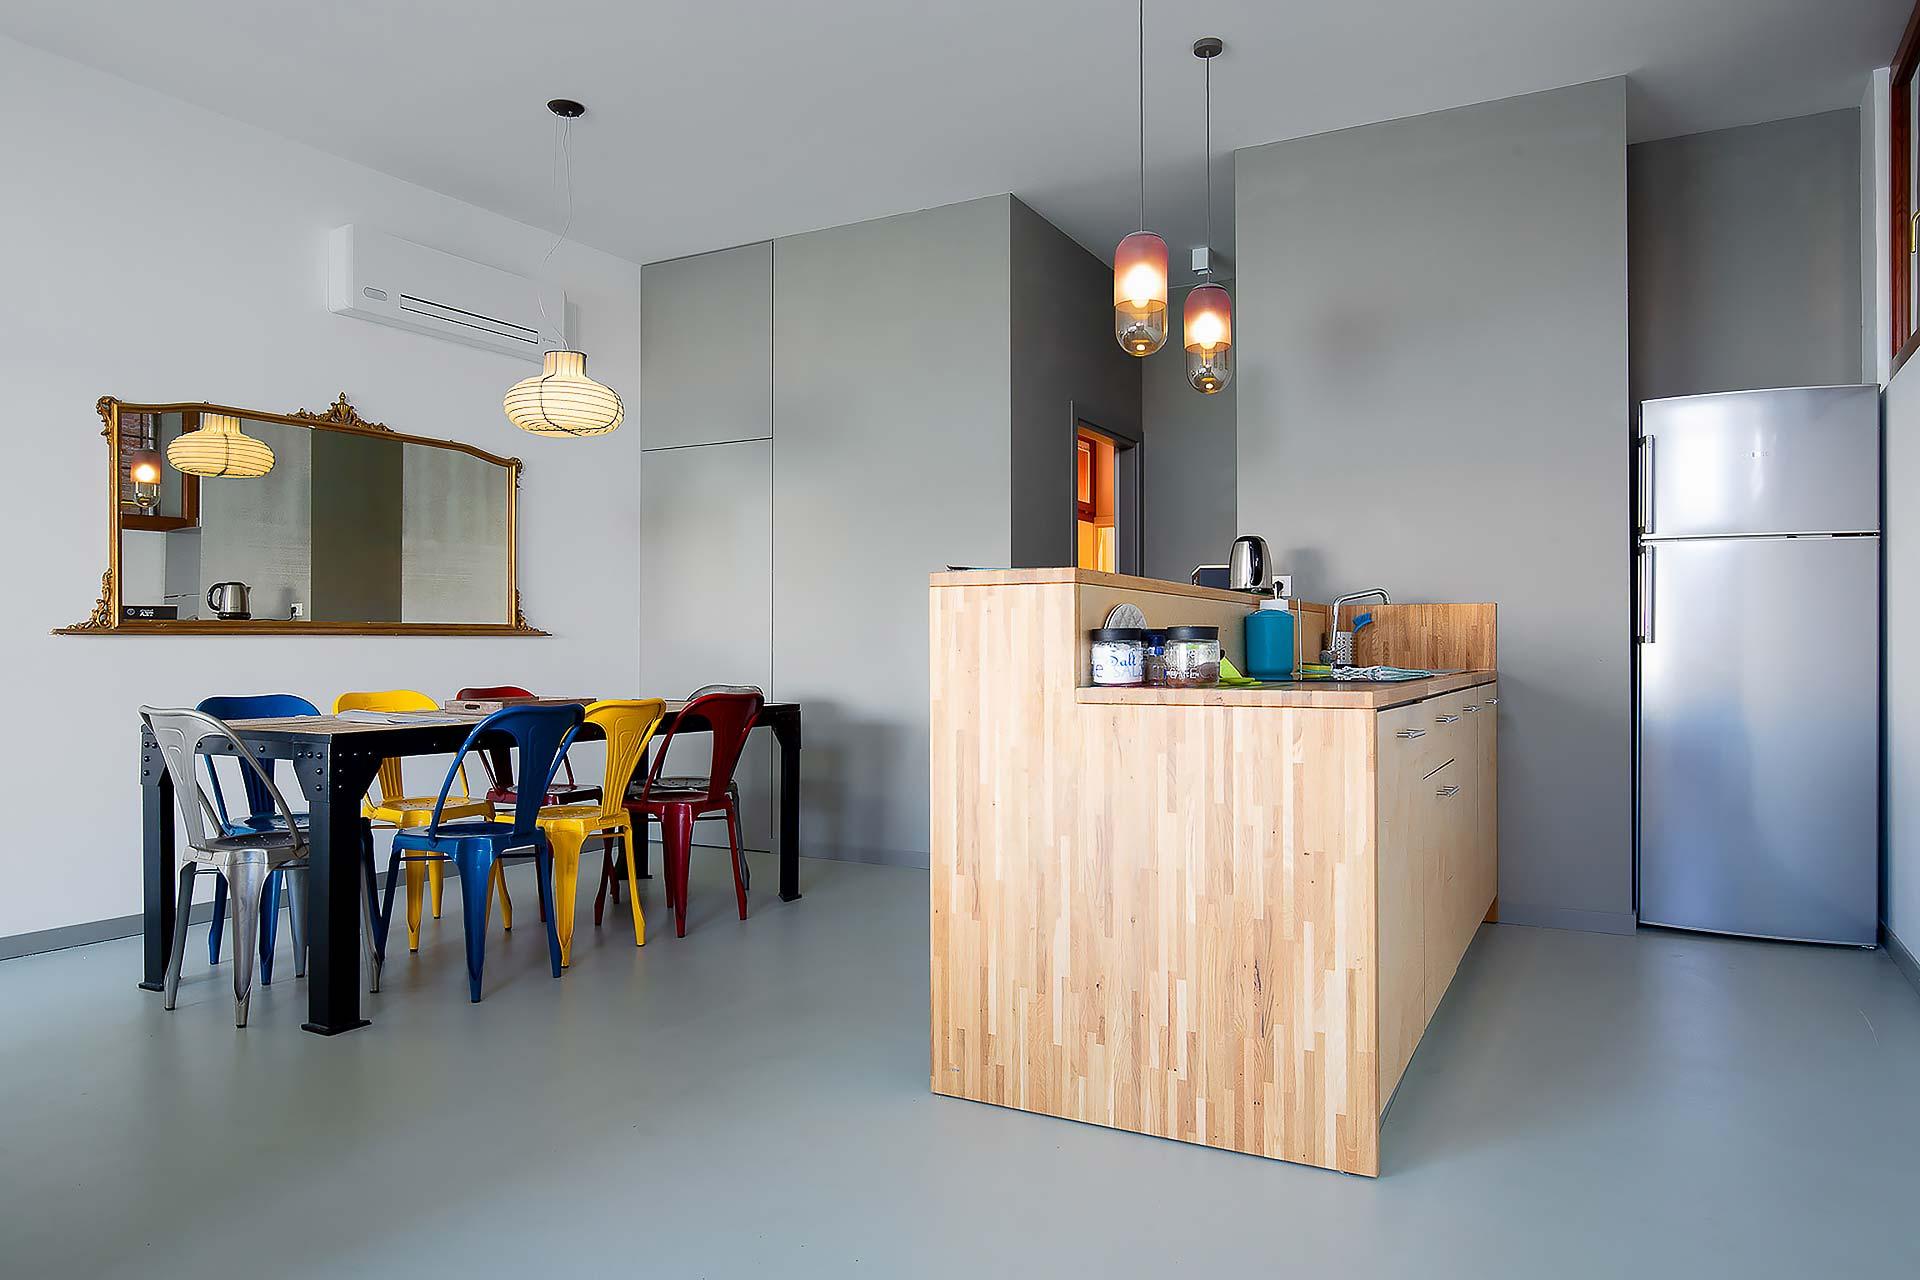 fotografo-airbnb-booking-appartamento-Treviso-Venezia-cucina